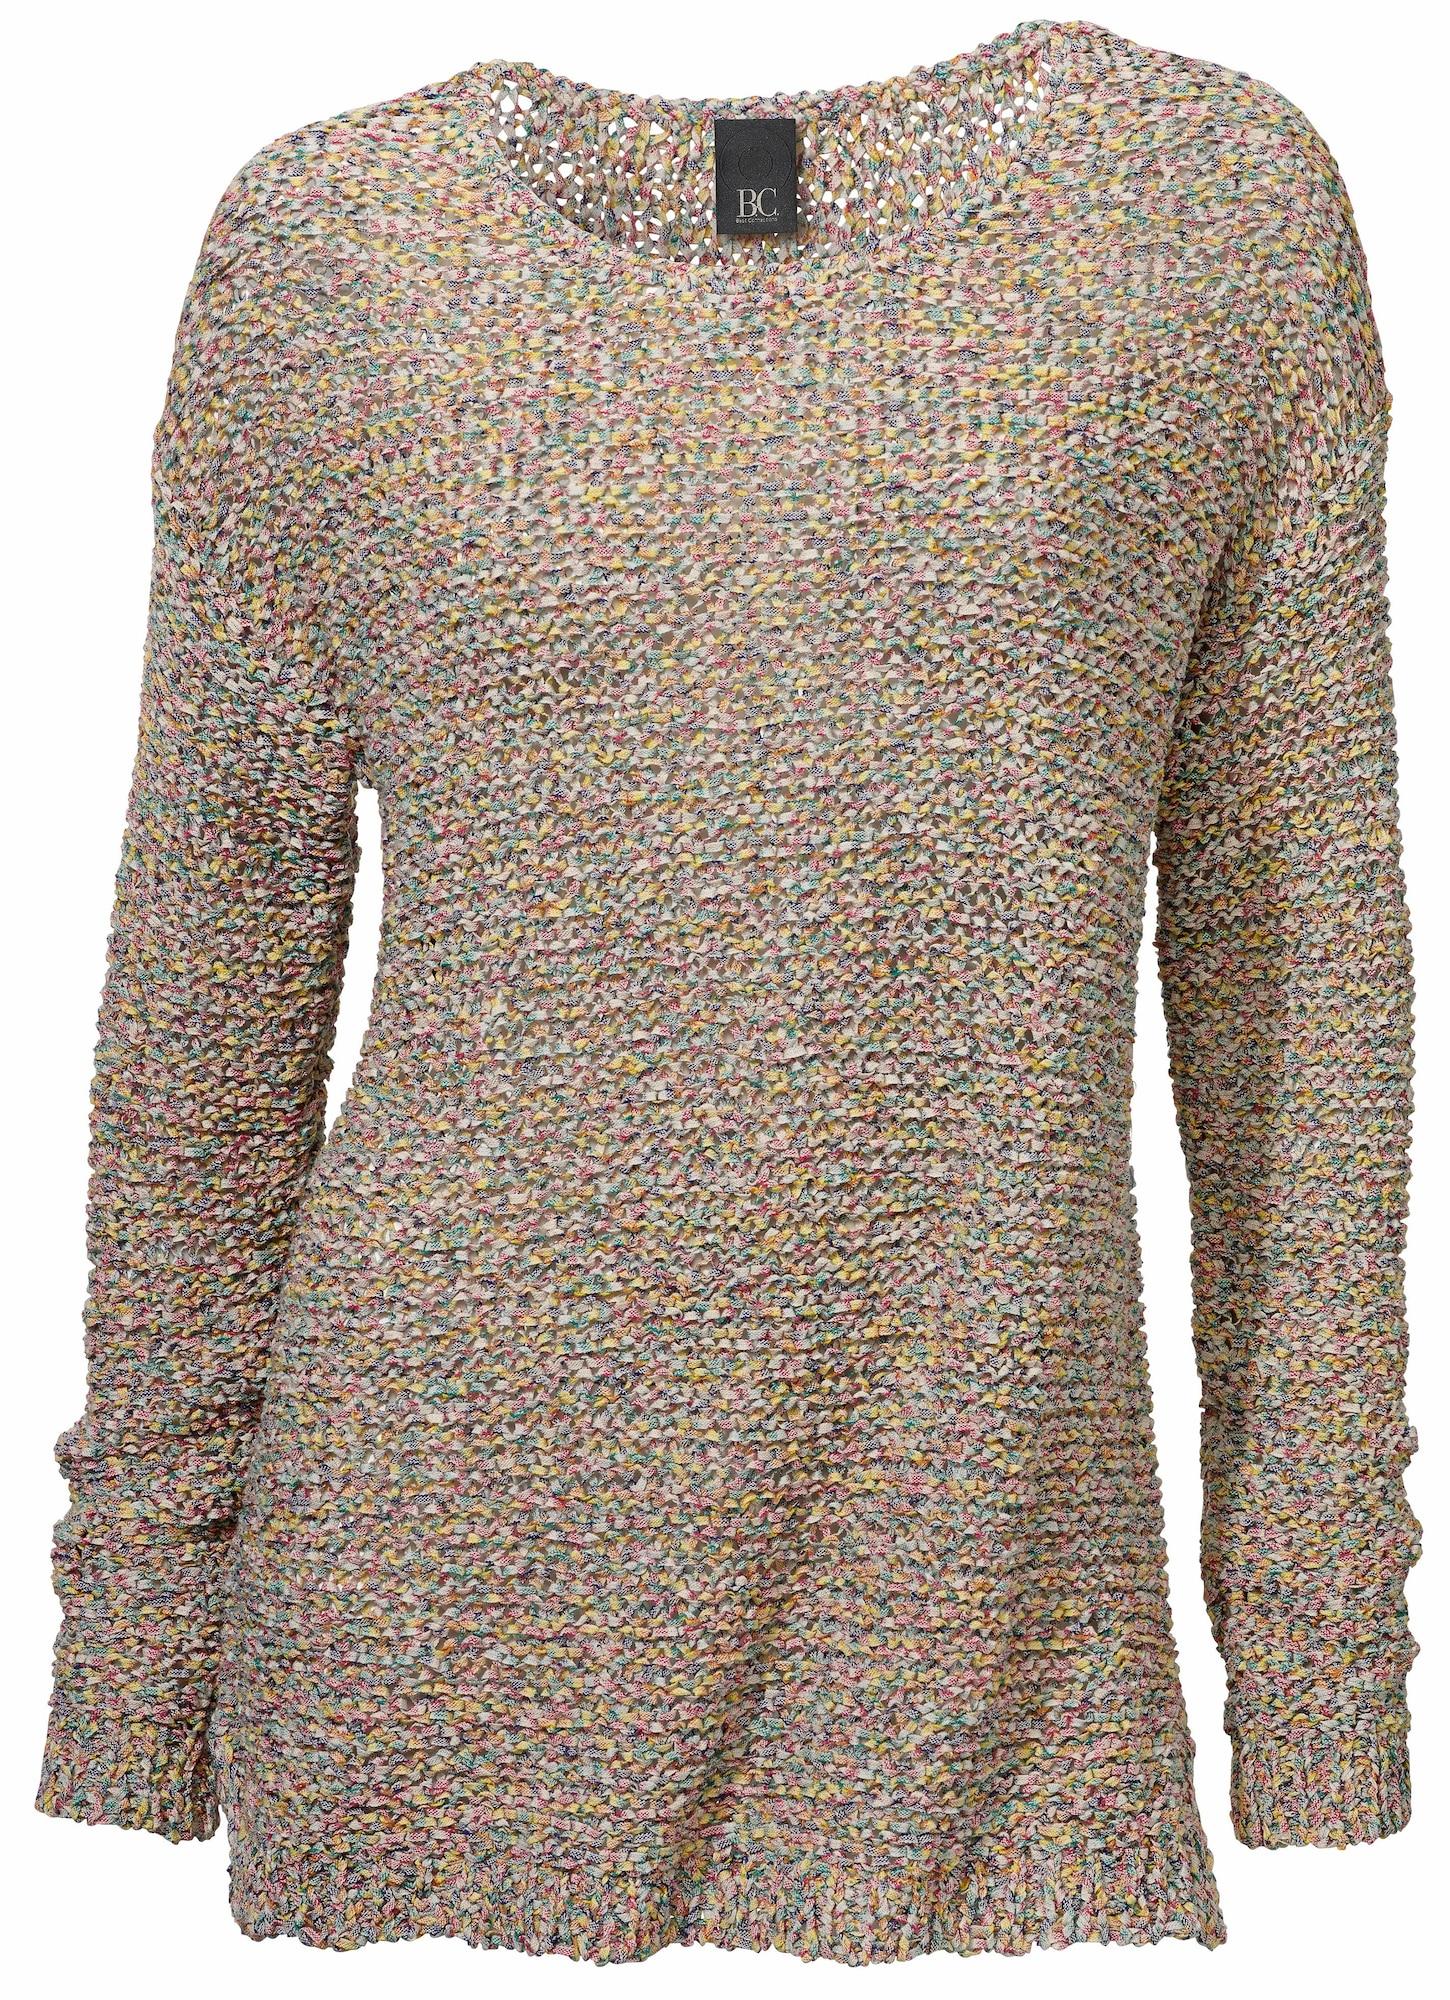 Rundhalspullover | Bekleidung > Pullover > Rundhalspullover | Mehrfarbig | heine